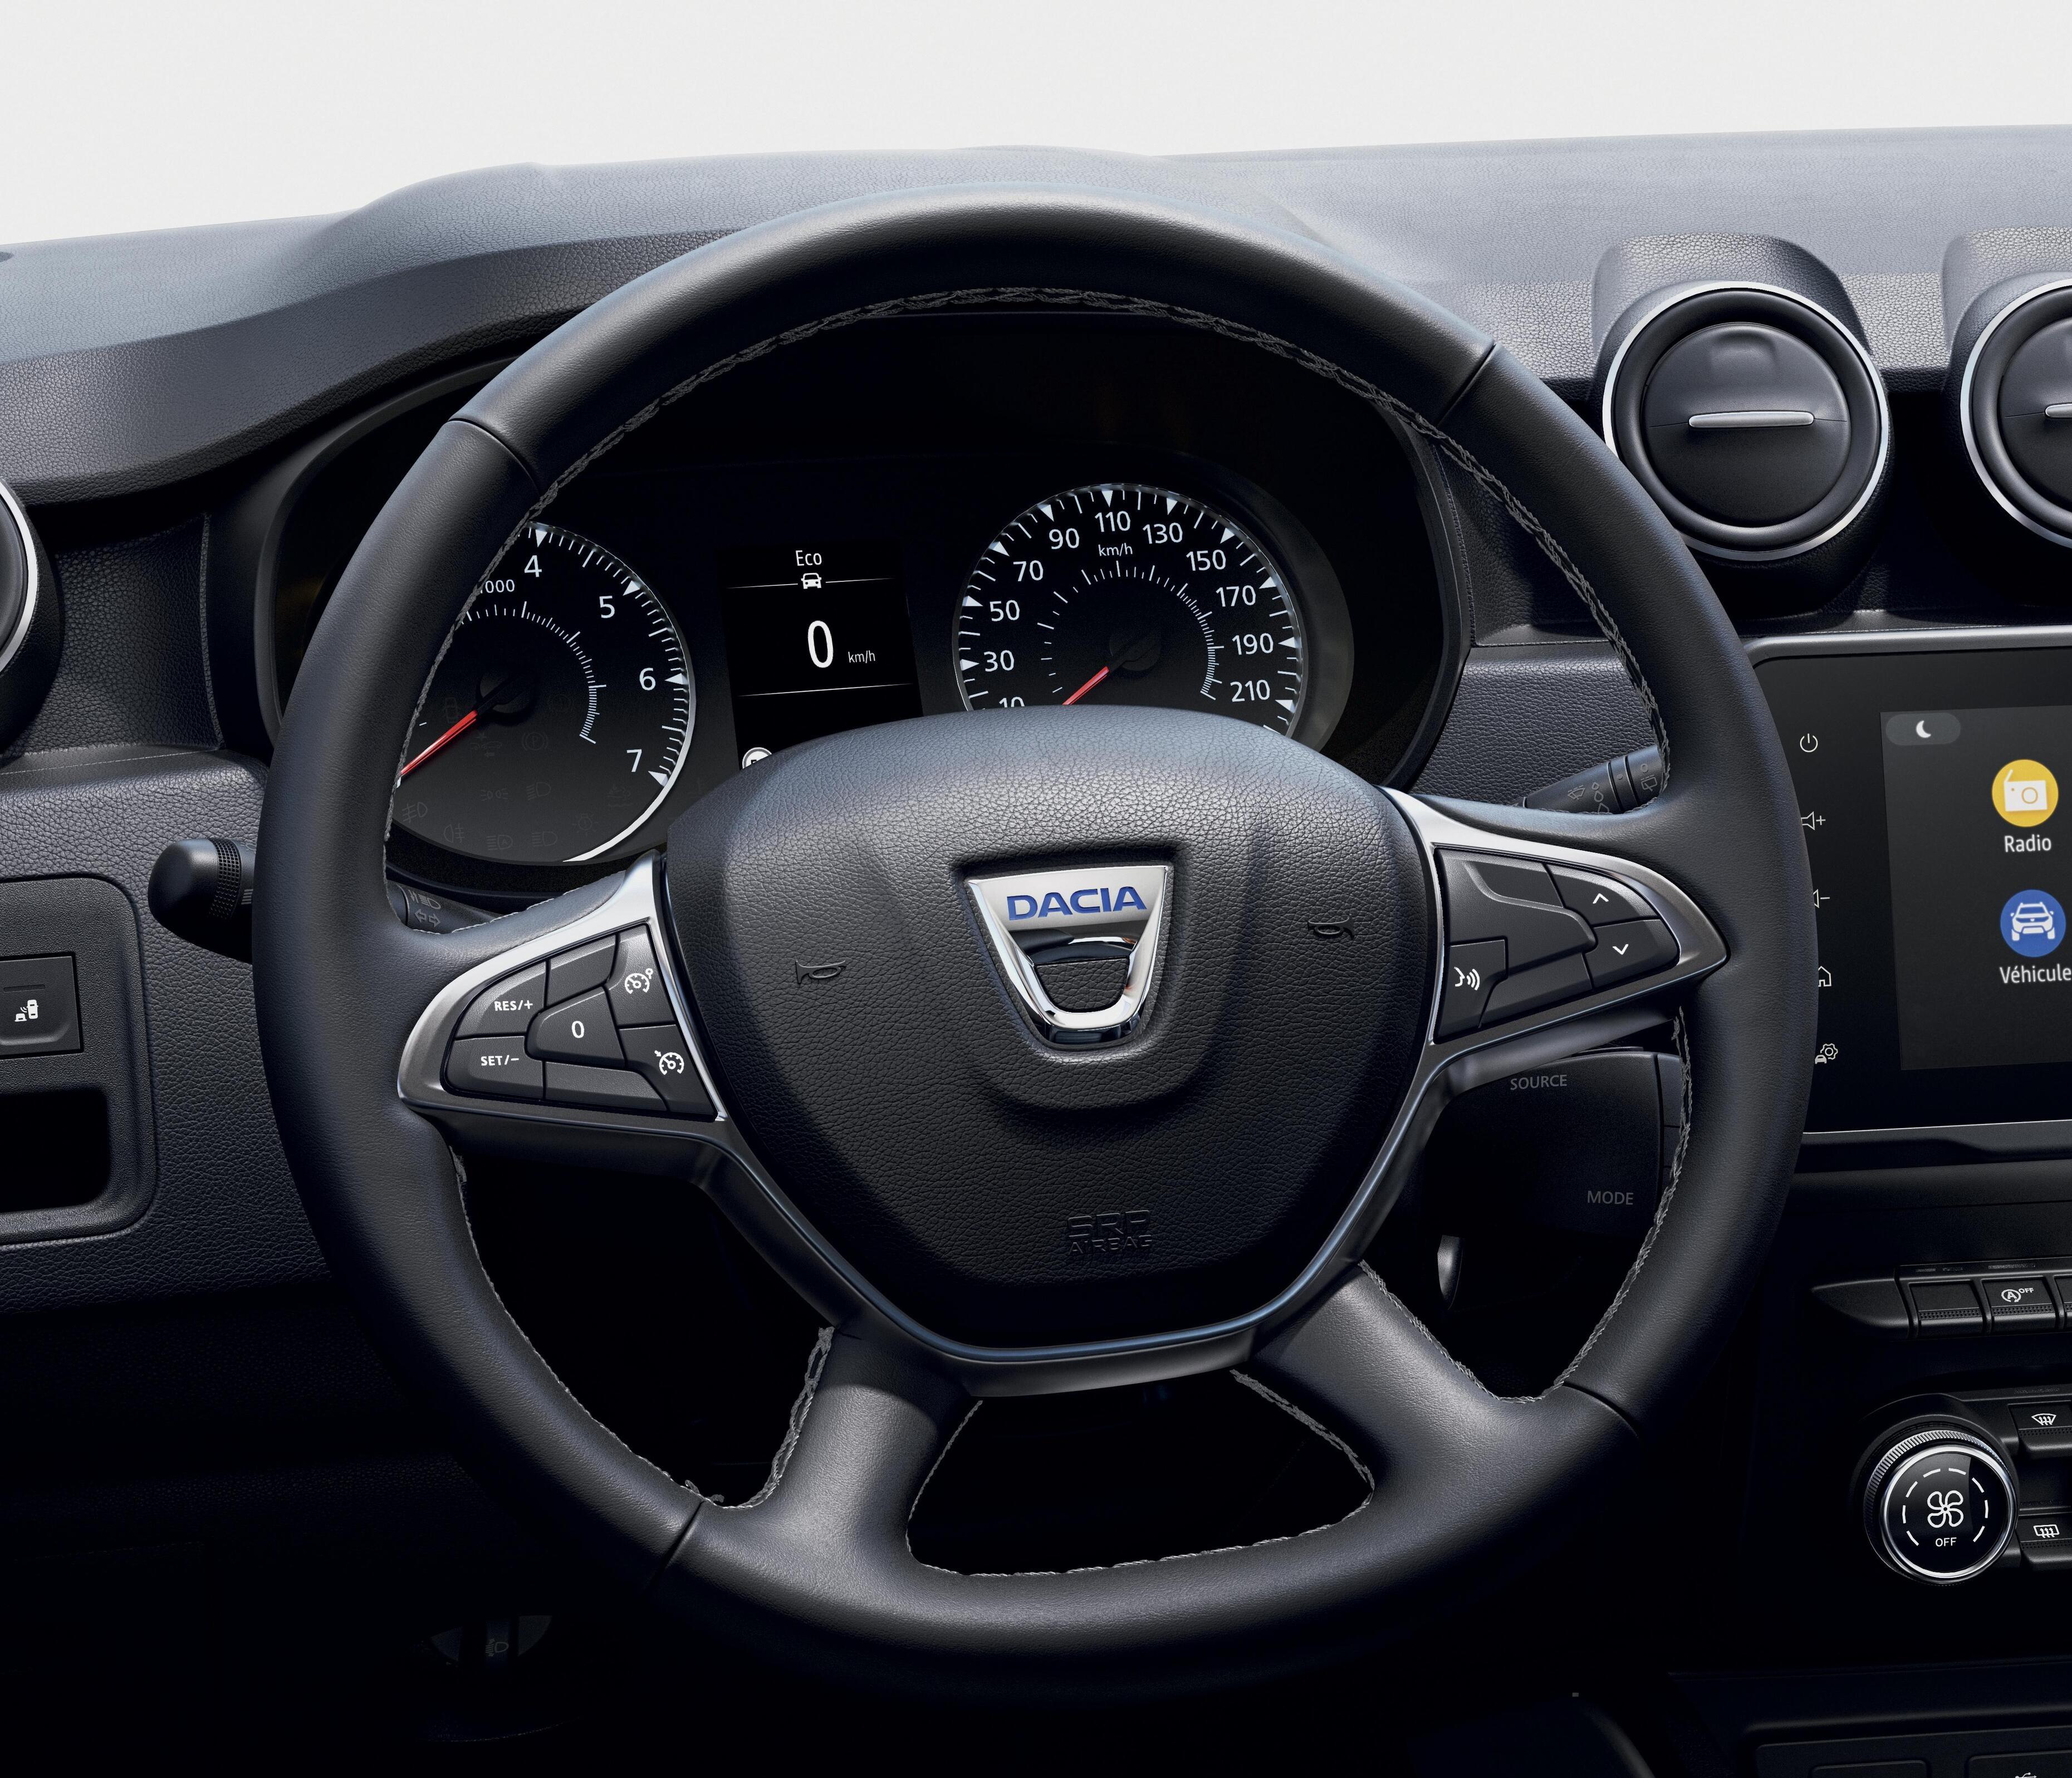 kierownica i gałka dźwigni biegów pokryte skórą ekologiczną